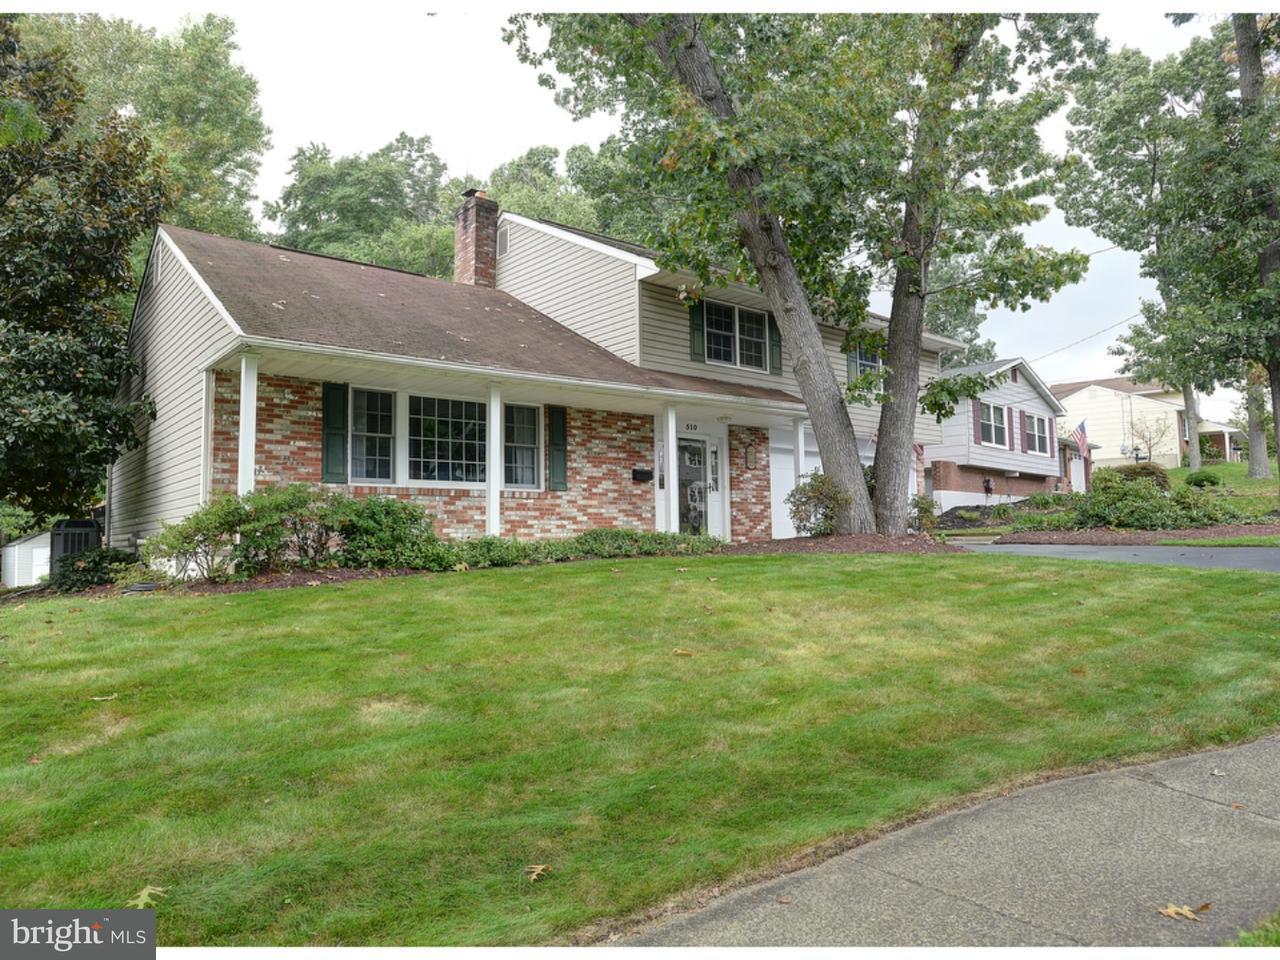 Частный односемейный дом для того Продажа на 510 CAMBRIDGE Road Turnersville, Нью-Джерси 08012 Соединенные Штаты